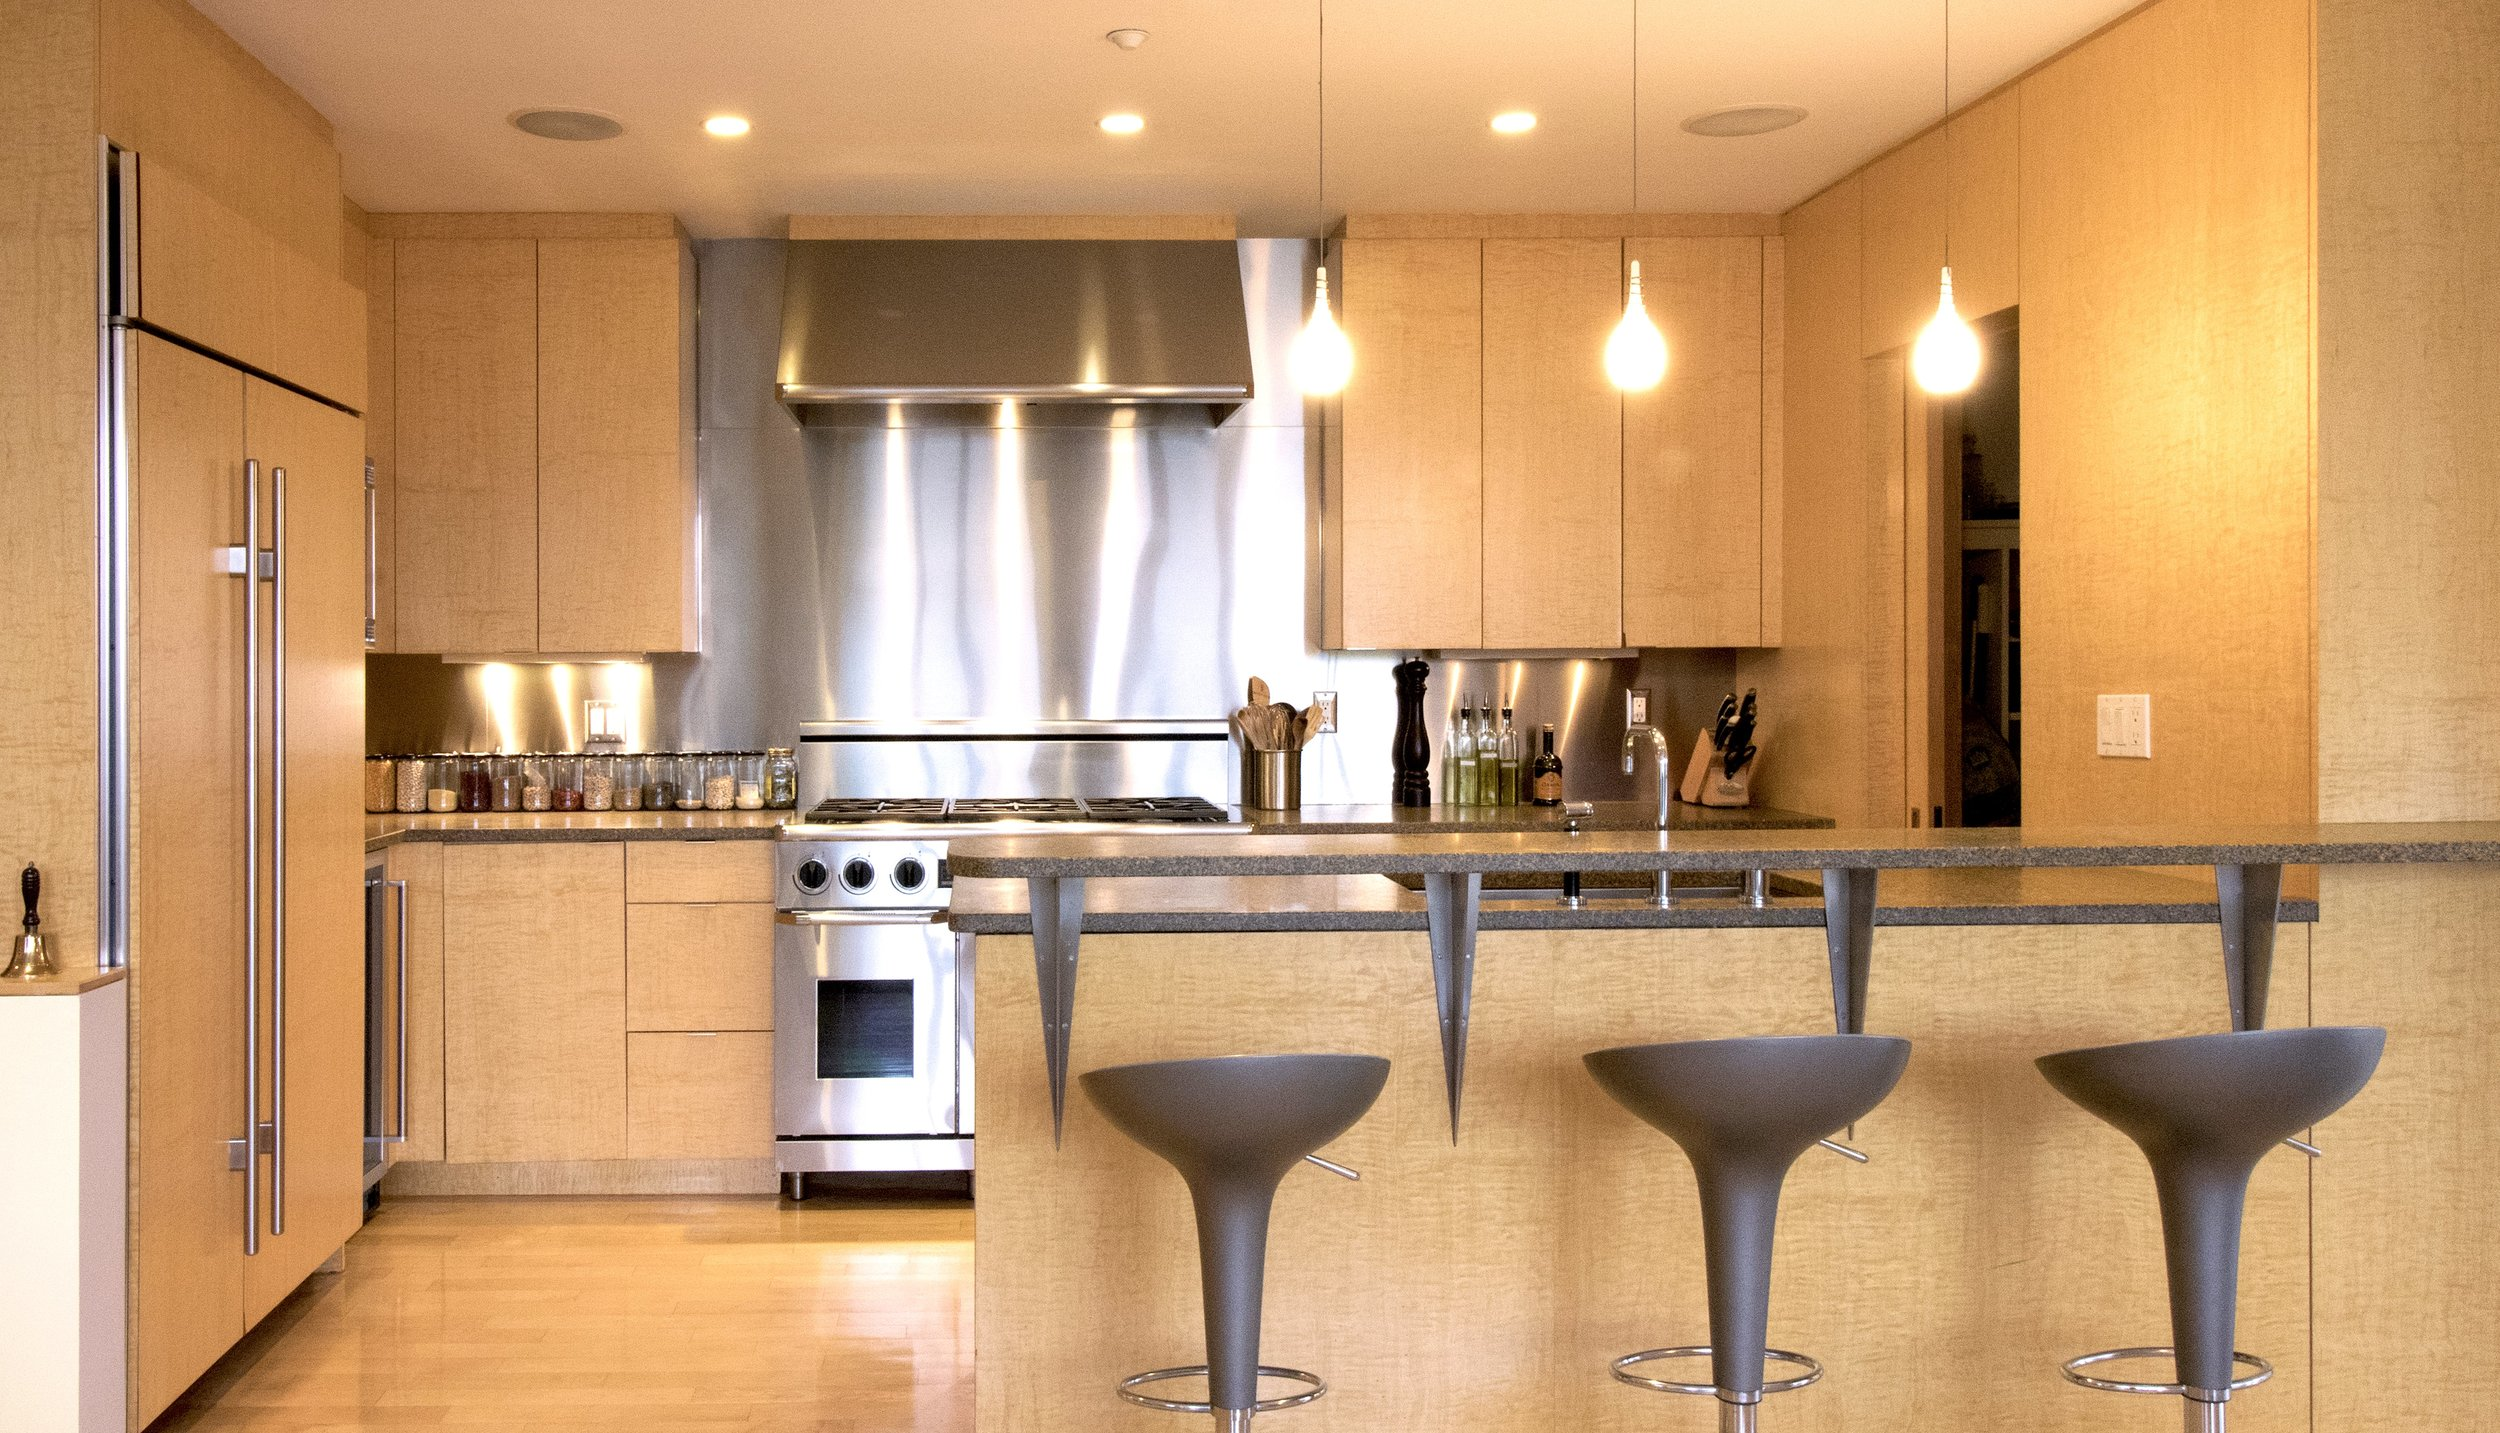 1313_Kitchen_01-min.jpg